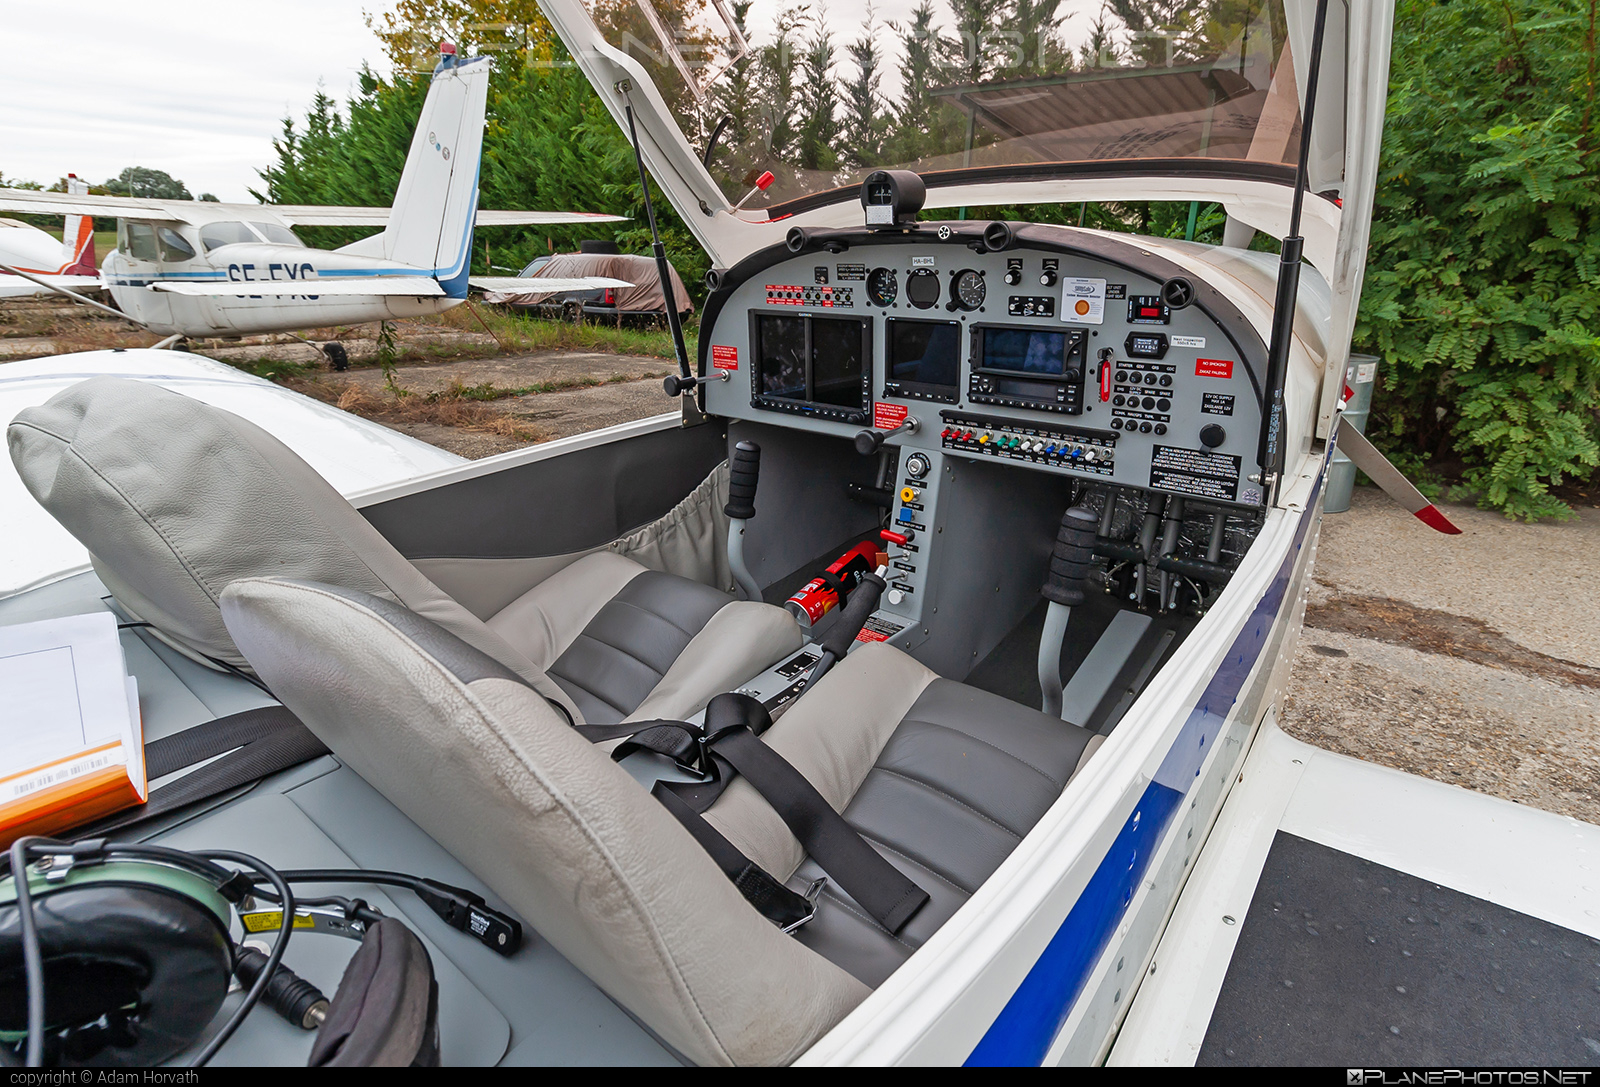 Aero AT AT-3 R100 - HA-BHL operated by Private operator #aeroat #aeroat3 #aeroat3r100